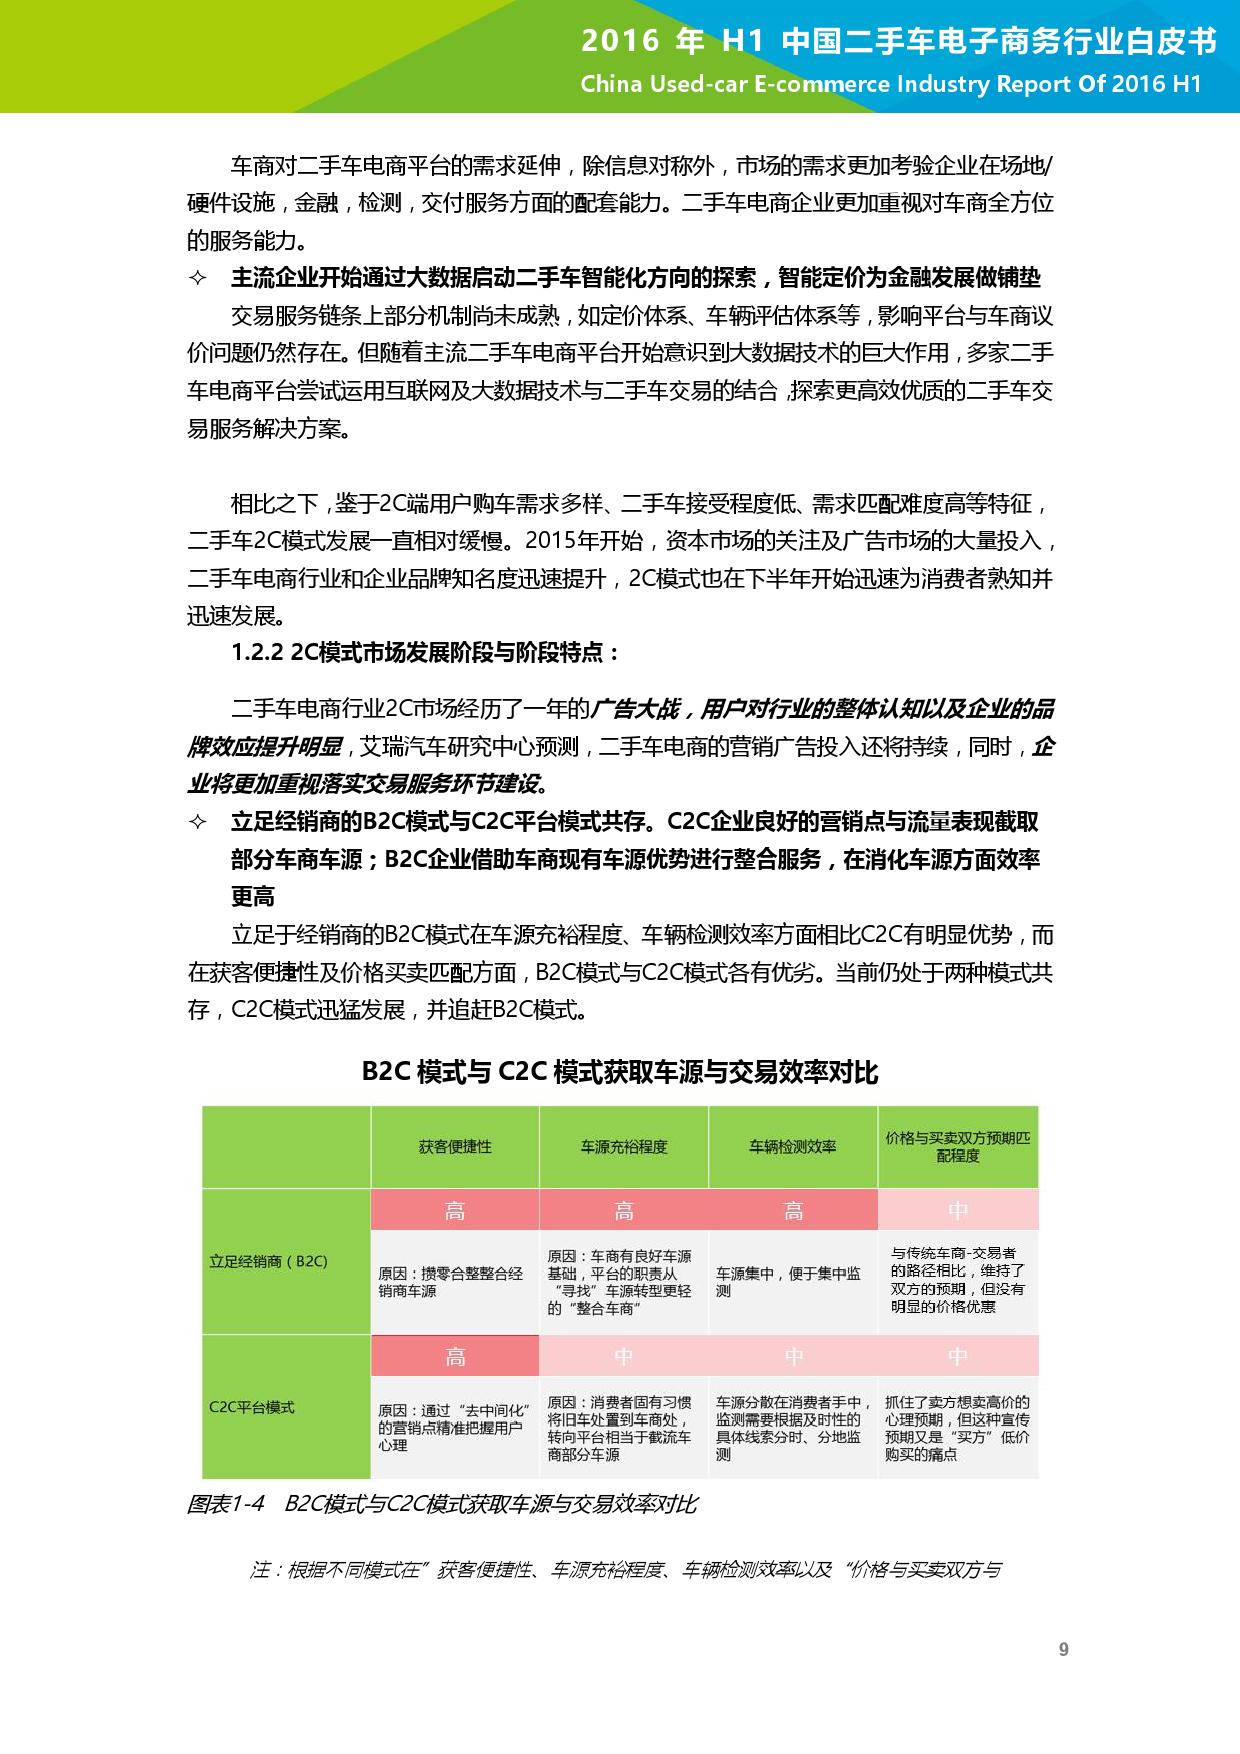 2016年H1中国二手车电子商务行业白皮书_000010